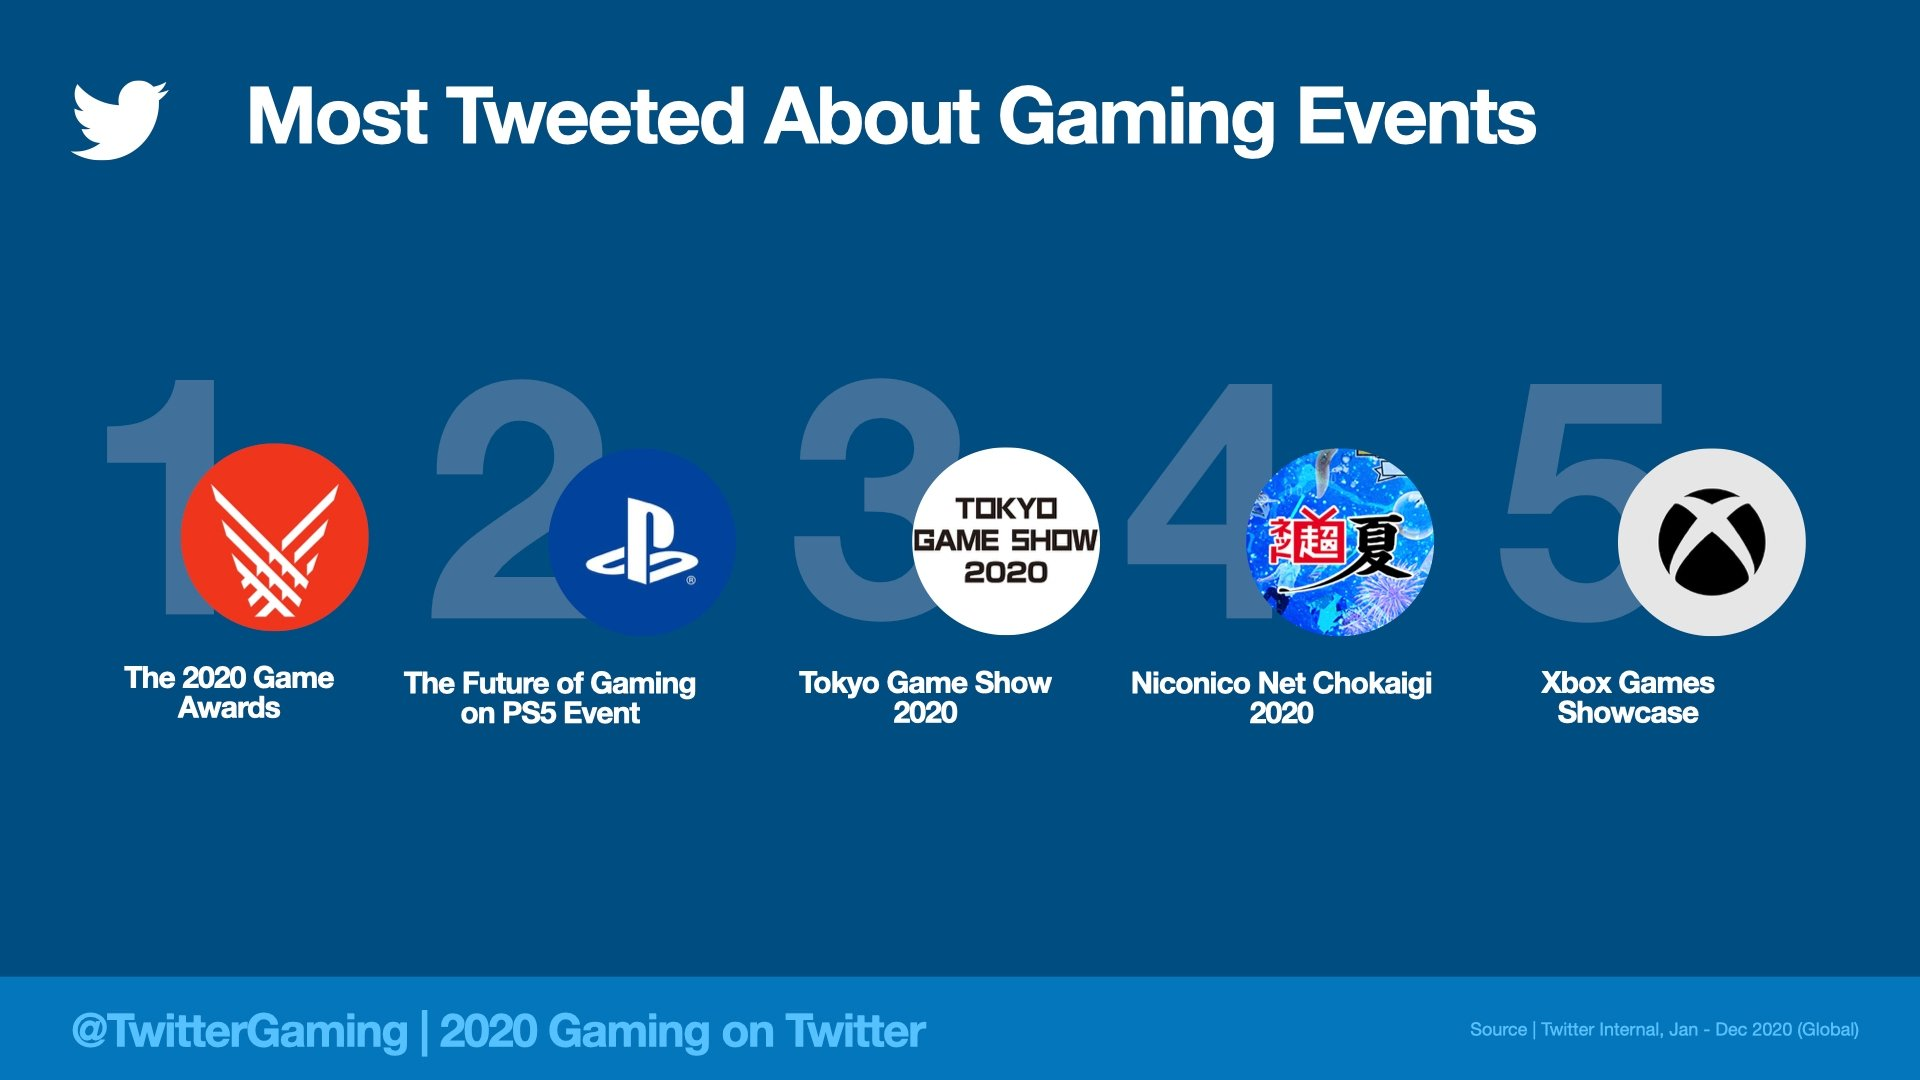 حدث لعبة Twitter الأكثر شعبية 2020